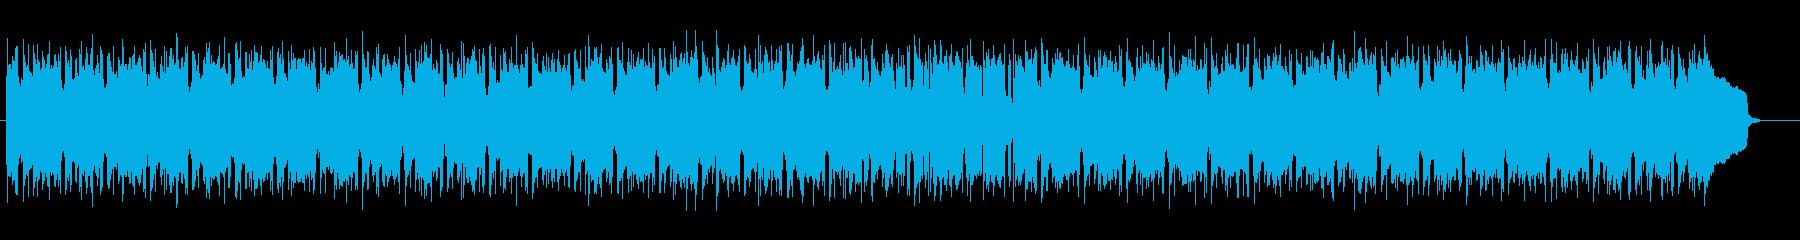 軽快なリズムが特徴の幻想的なポップスの再生済みの波形